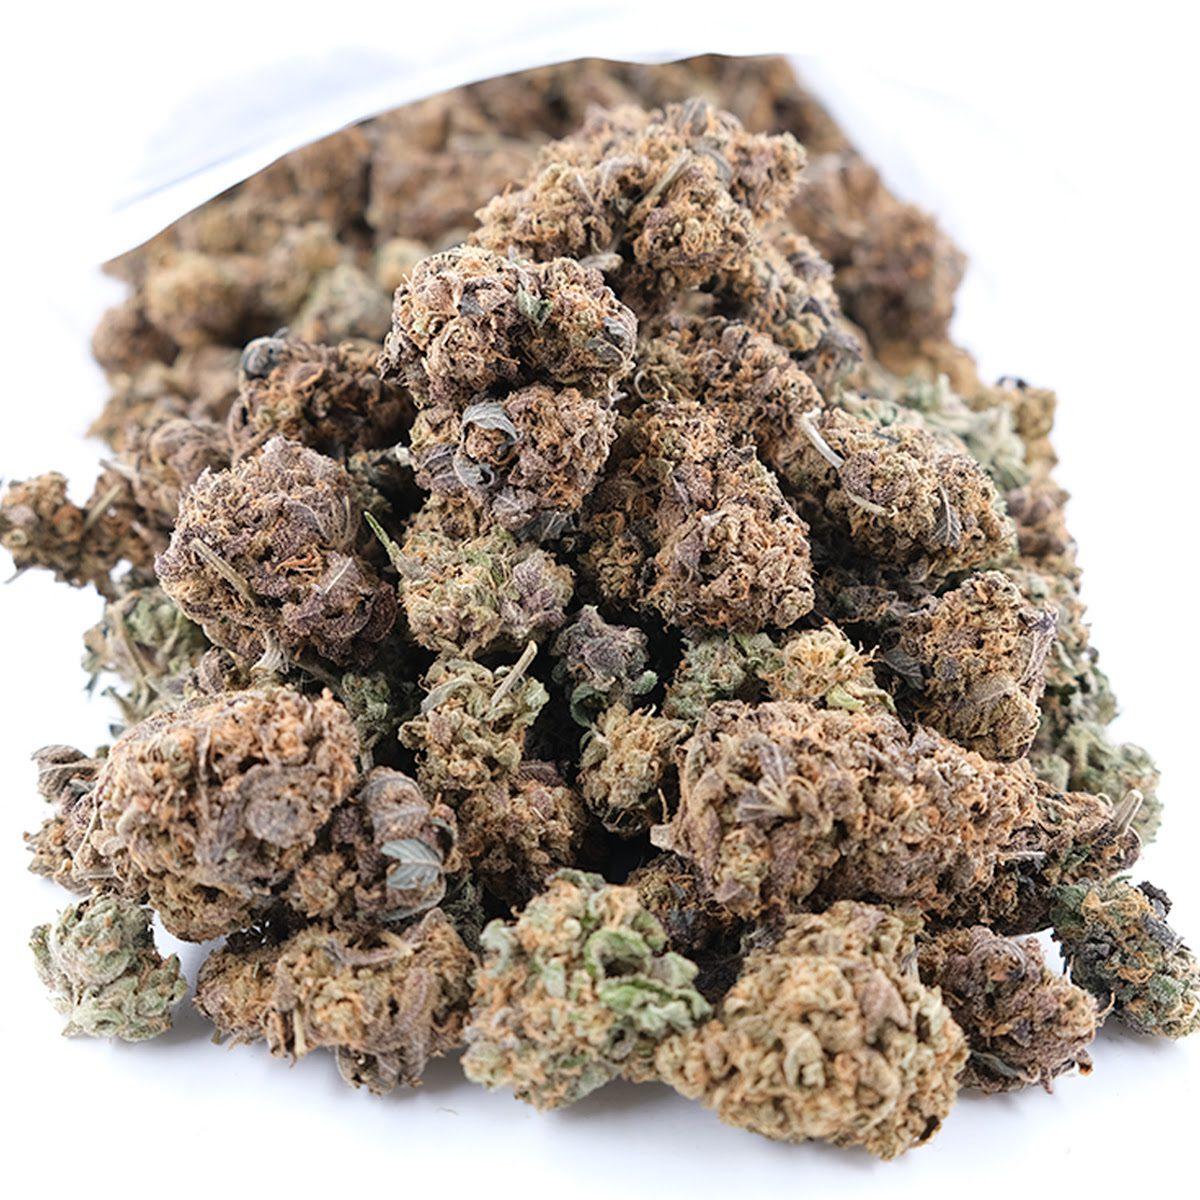 Wholesale weed